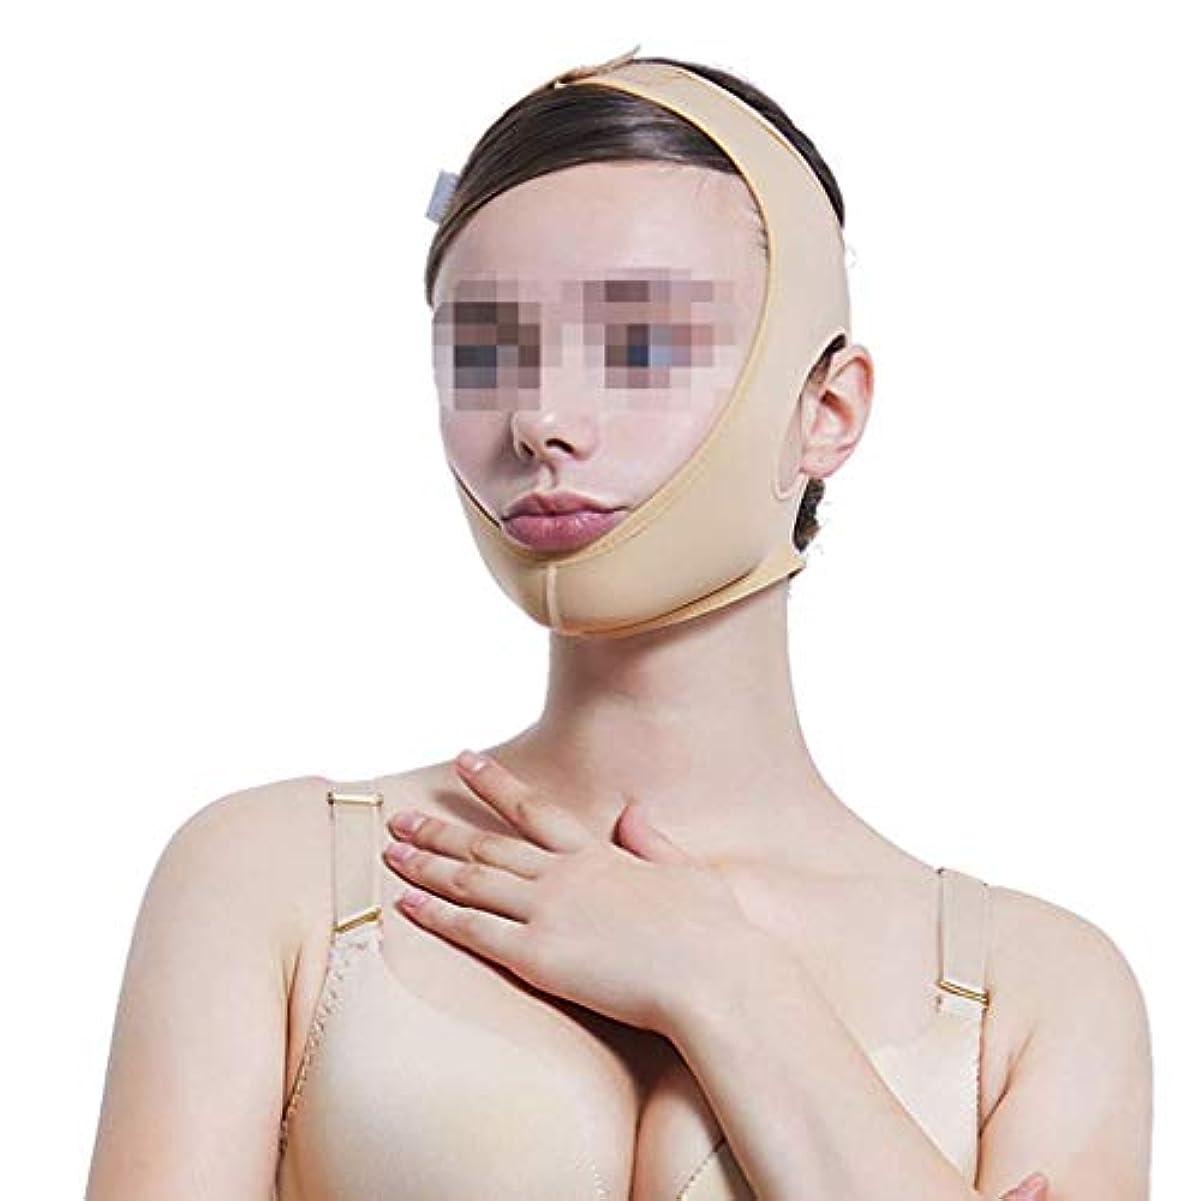 生産的ピラミッドどちらもビームフェイス弾性ヘッドギア、ダブルあごのあごのセットをマスクの後に線彫り薄いフェイス包帯マルチサイズオプション(サイズ:XS),S